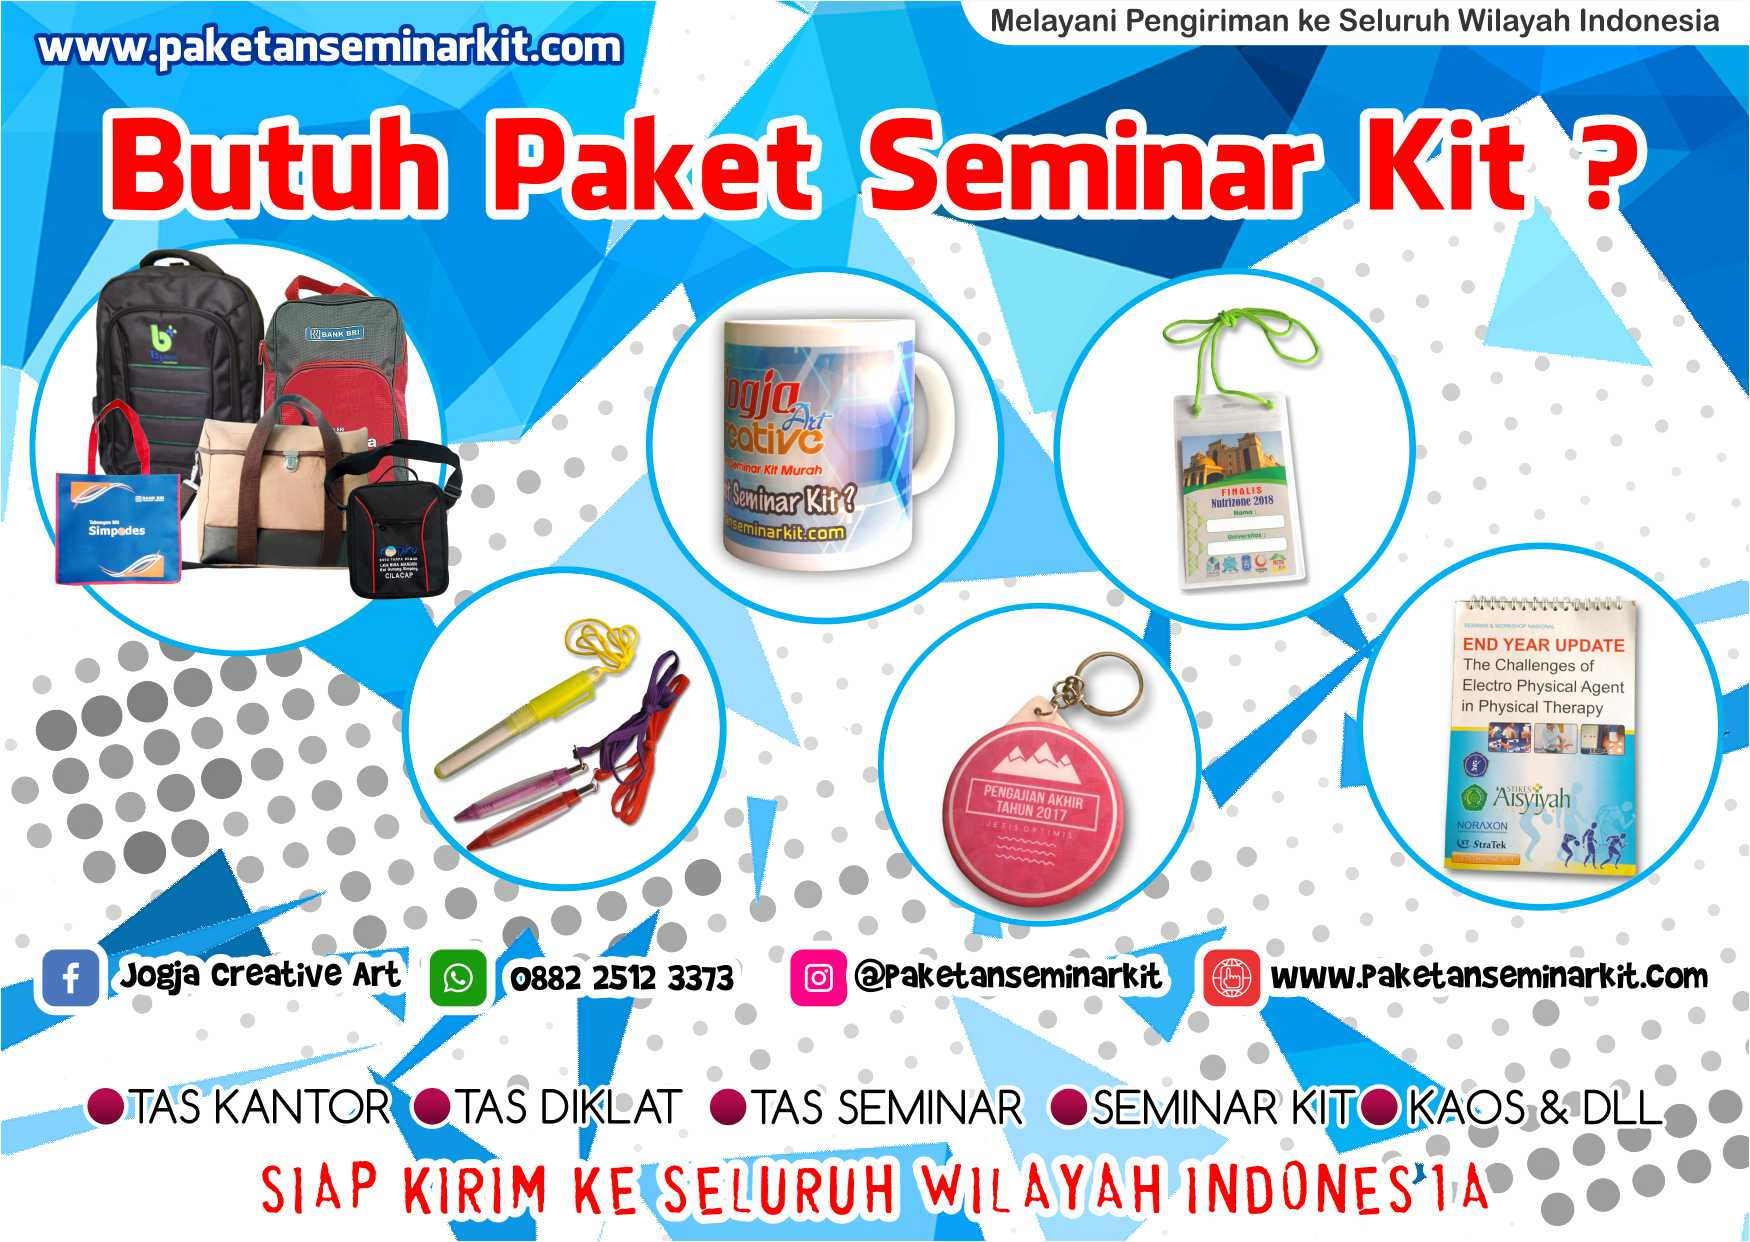 Paket Seminar Kit Murah Jakarta Hub 0882 2512 3373